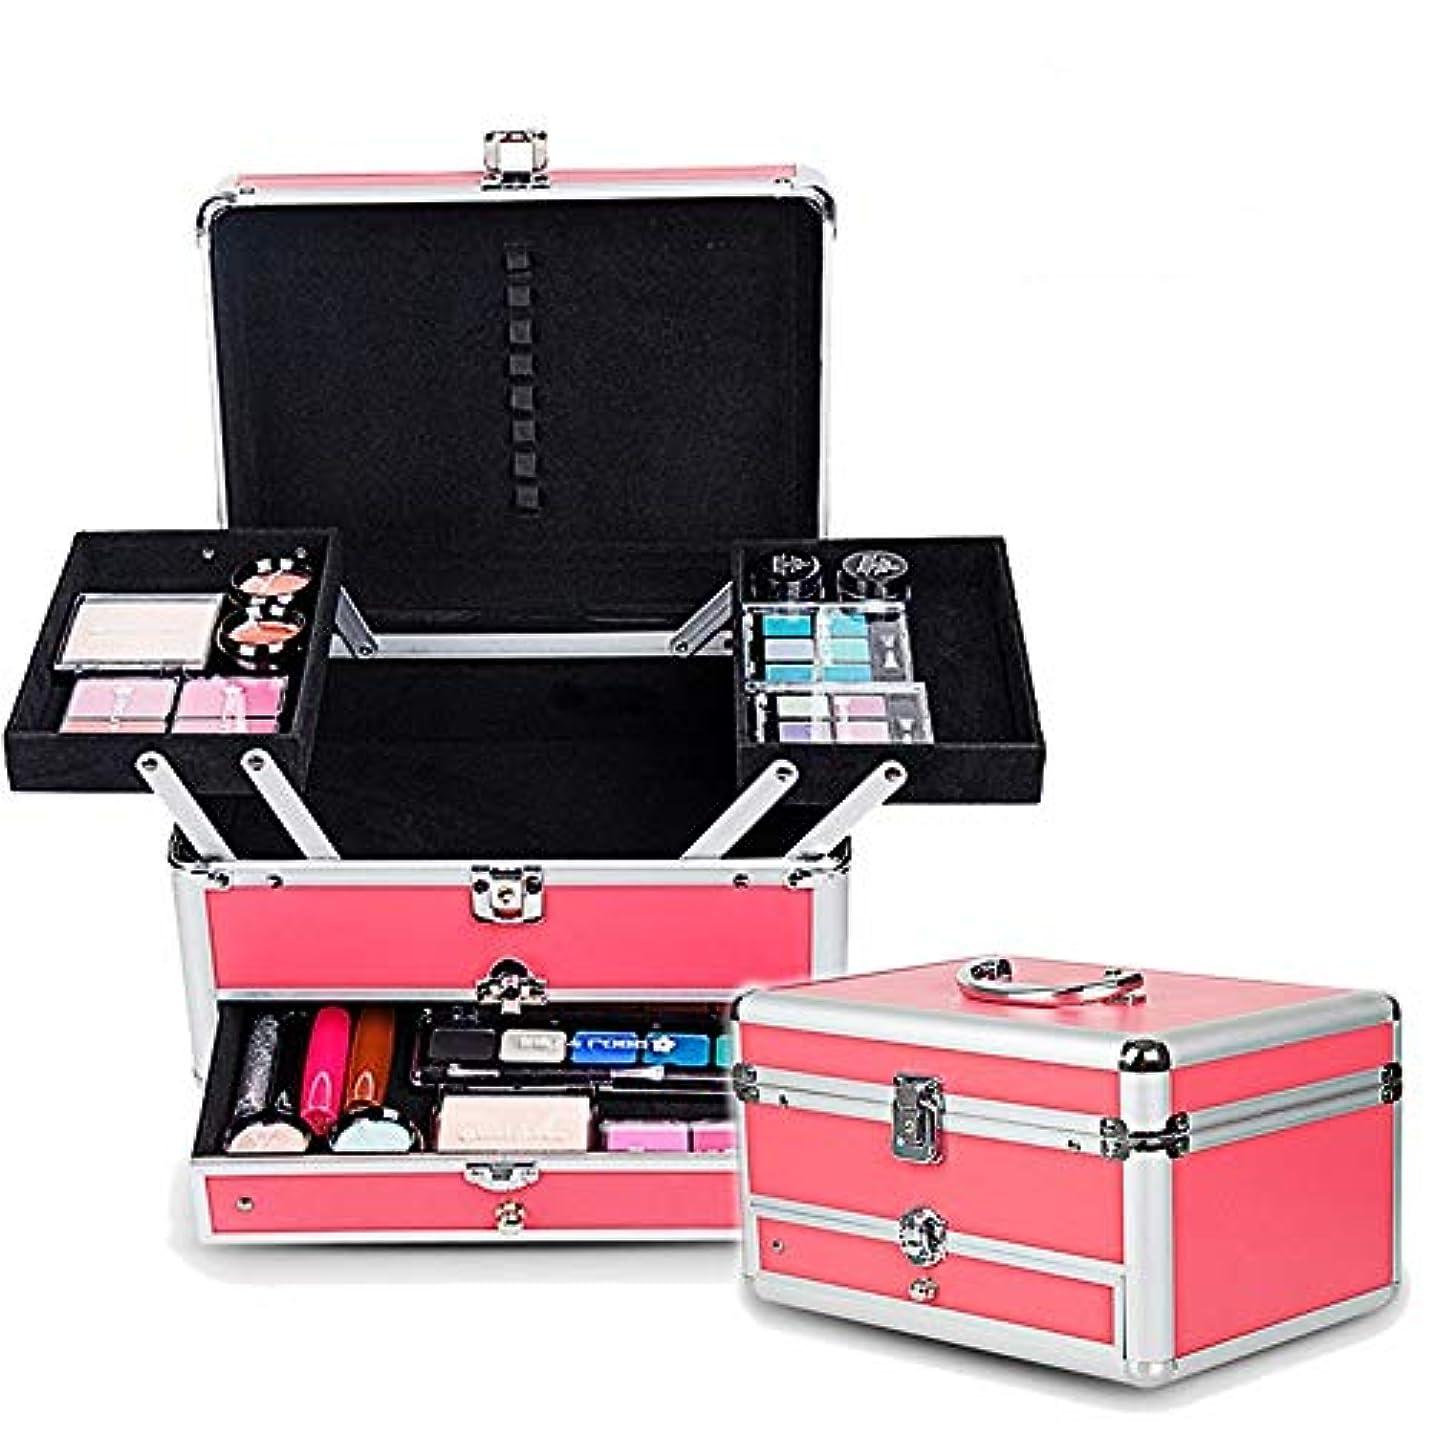 有益なスキャンダラス管理する化粧オーガナイザーバッグ メイクアップトラベルバッグストレージバッグ防水ミニメイクアップケース旅行旅行のための 化粧品ケース